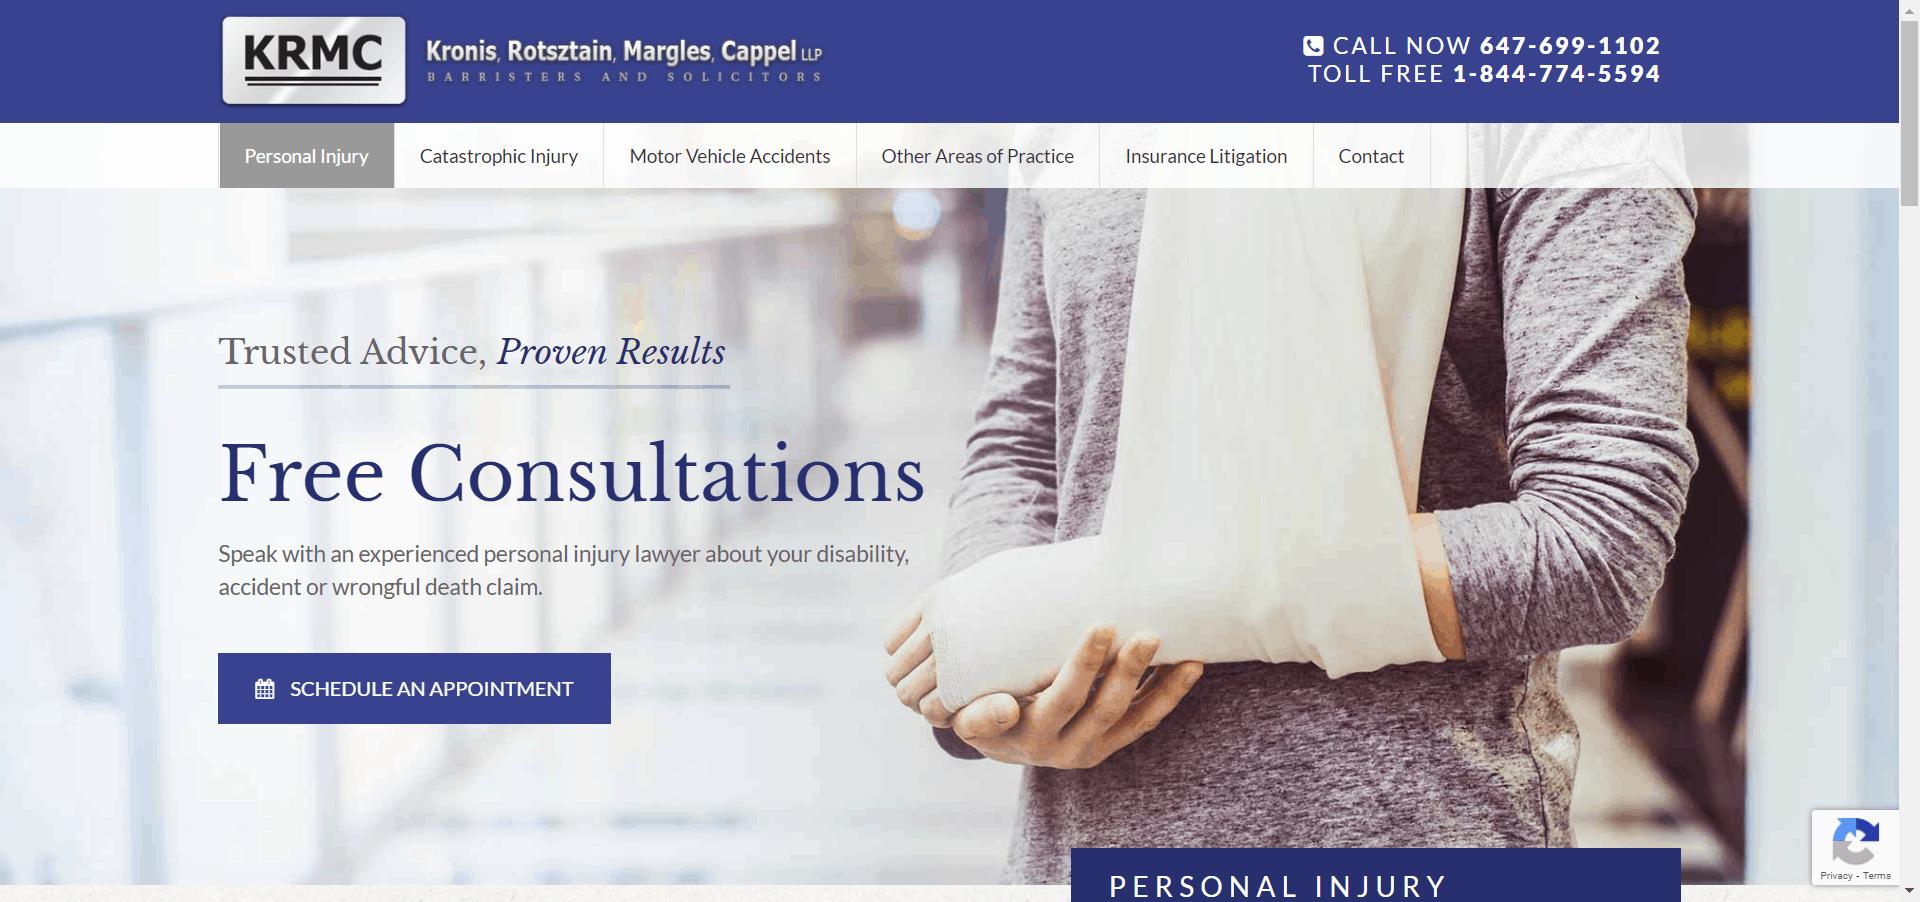 KRMC Homepage